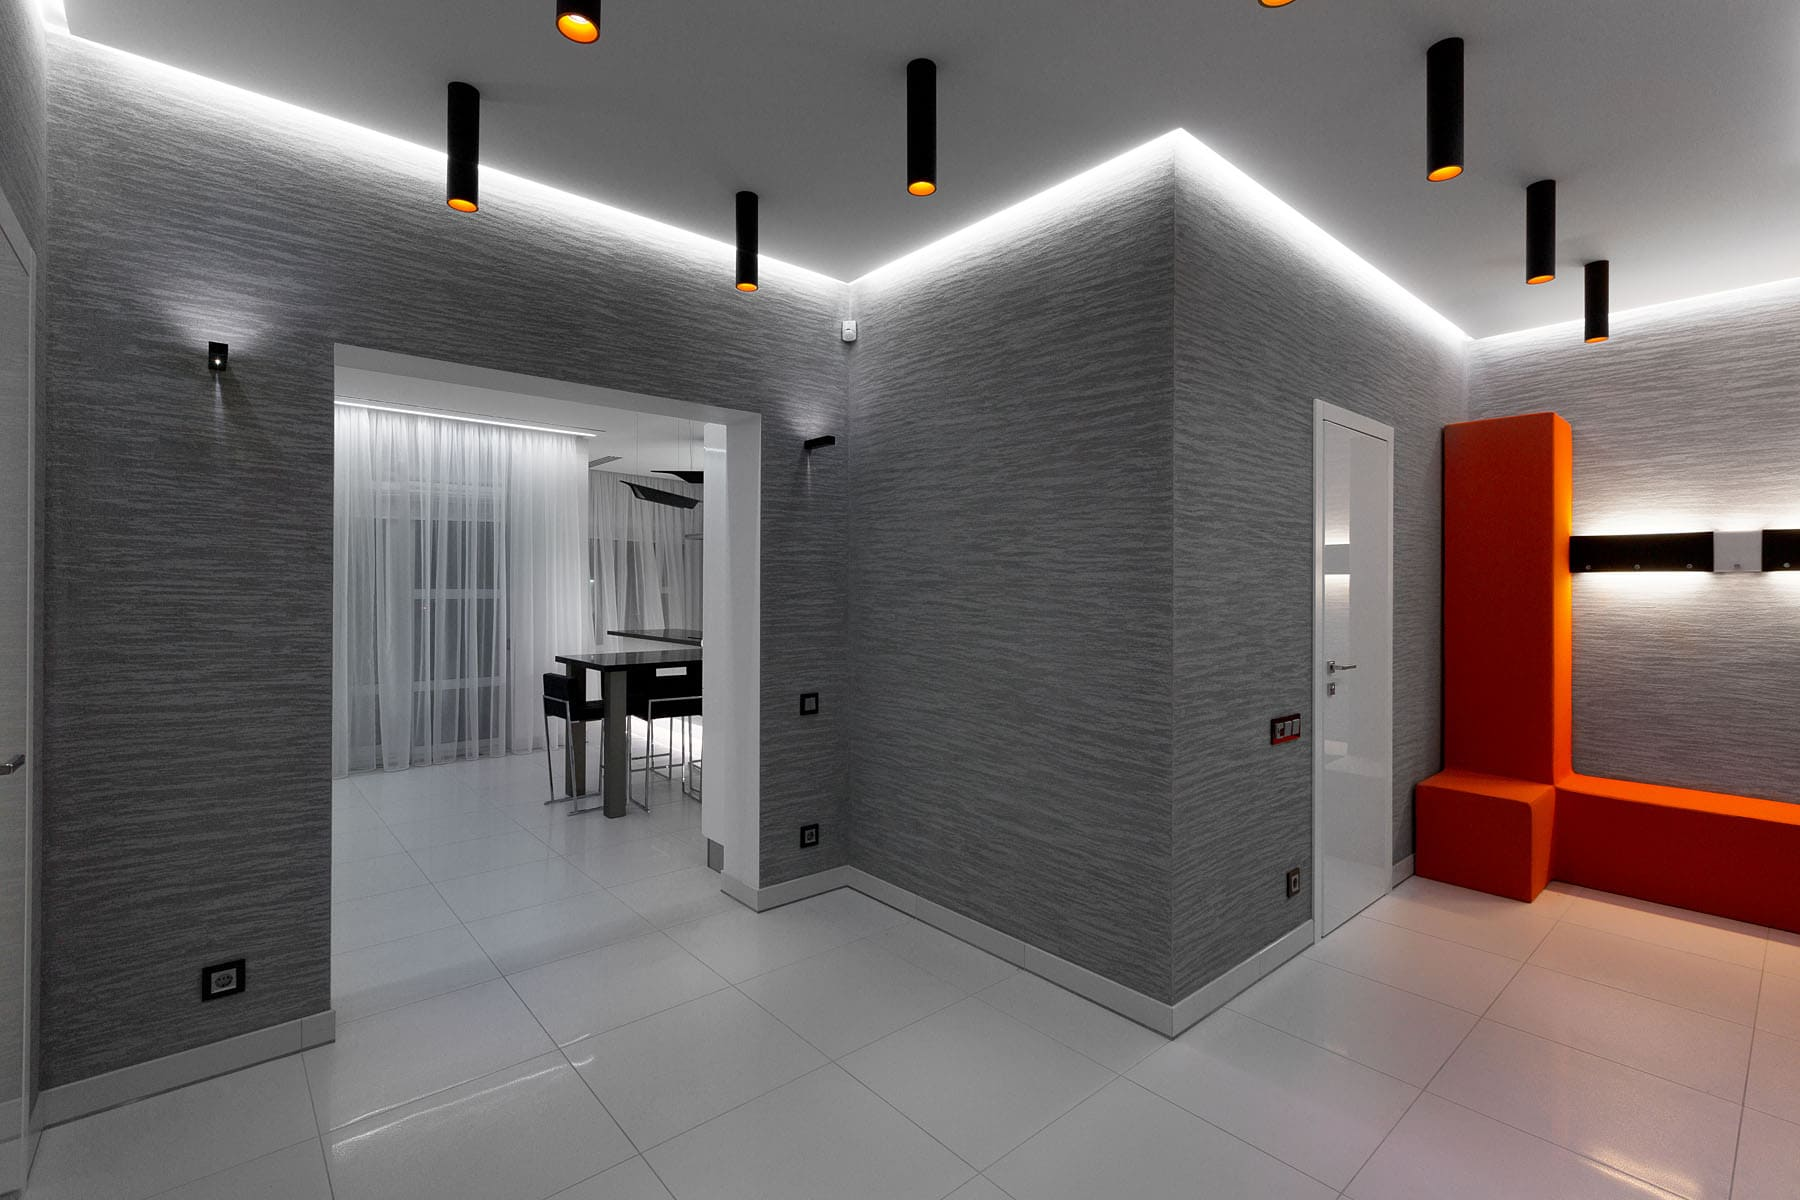 Декоративная штукатурка - лучшие красивые варианты отделки стен в интерьере 171